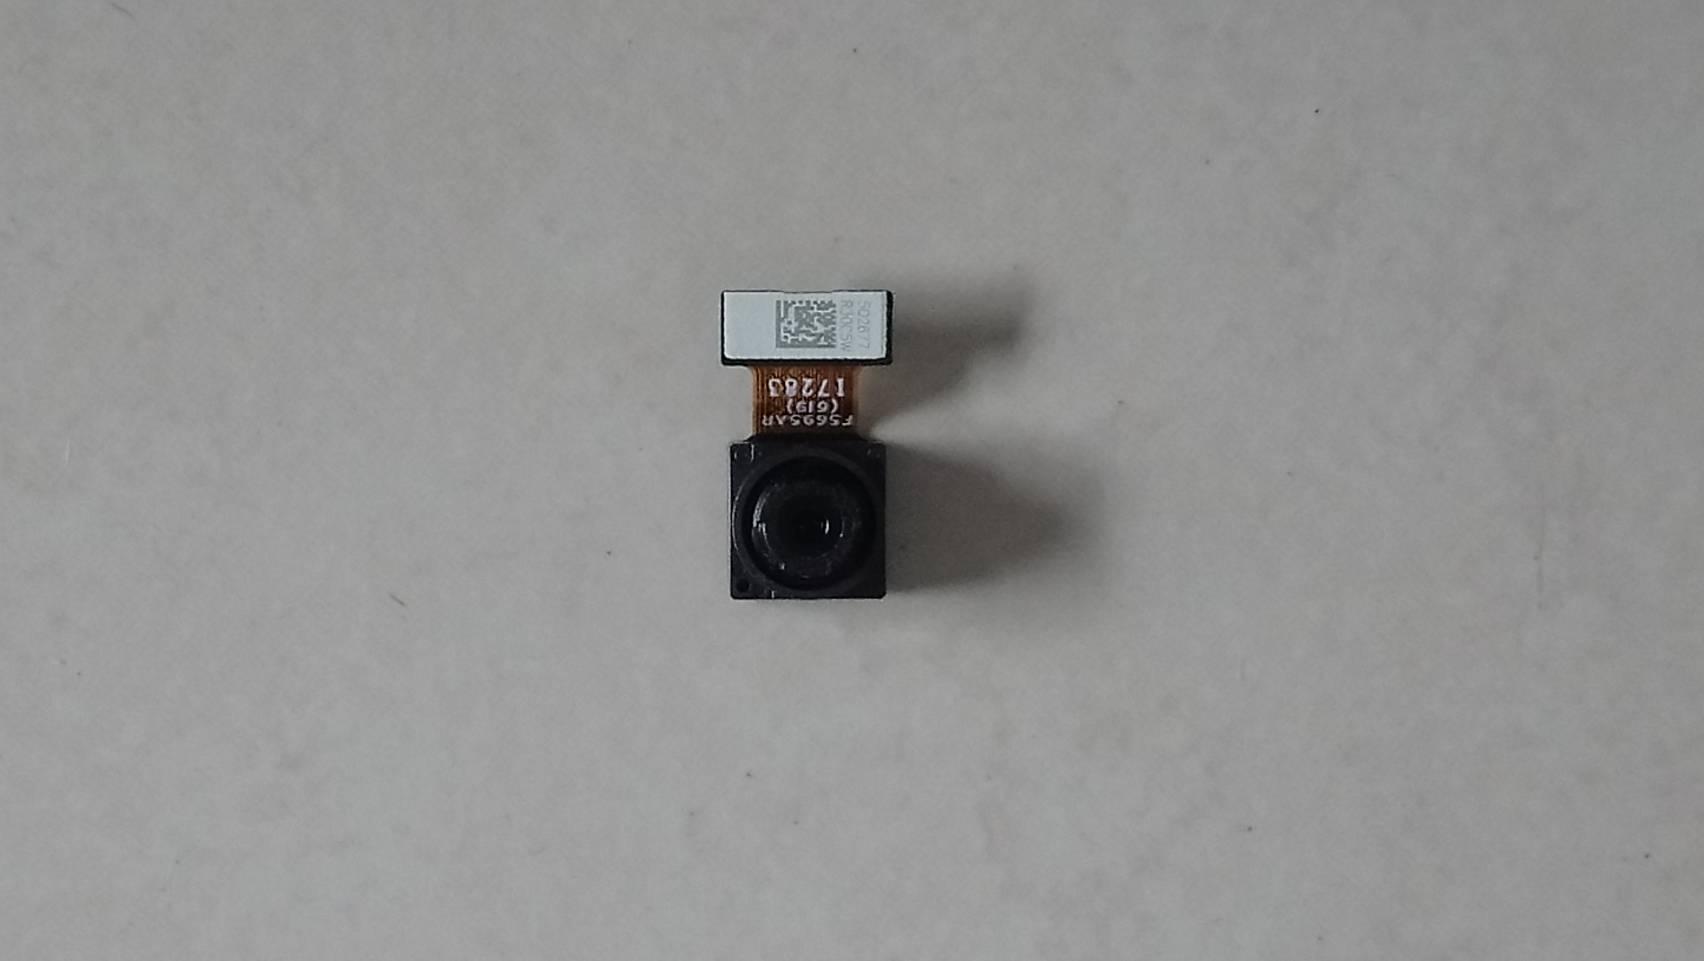 กล้องหน้าแท้  VIVO Y53 มือสอง